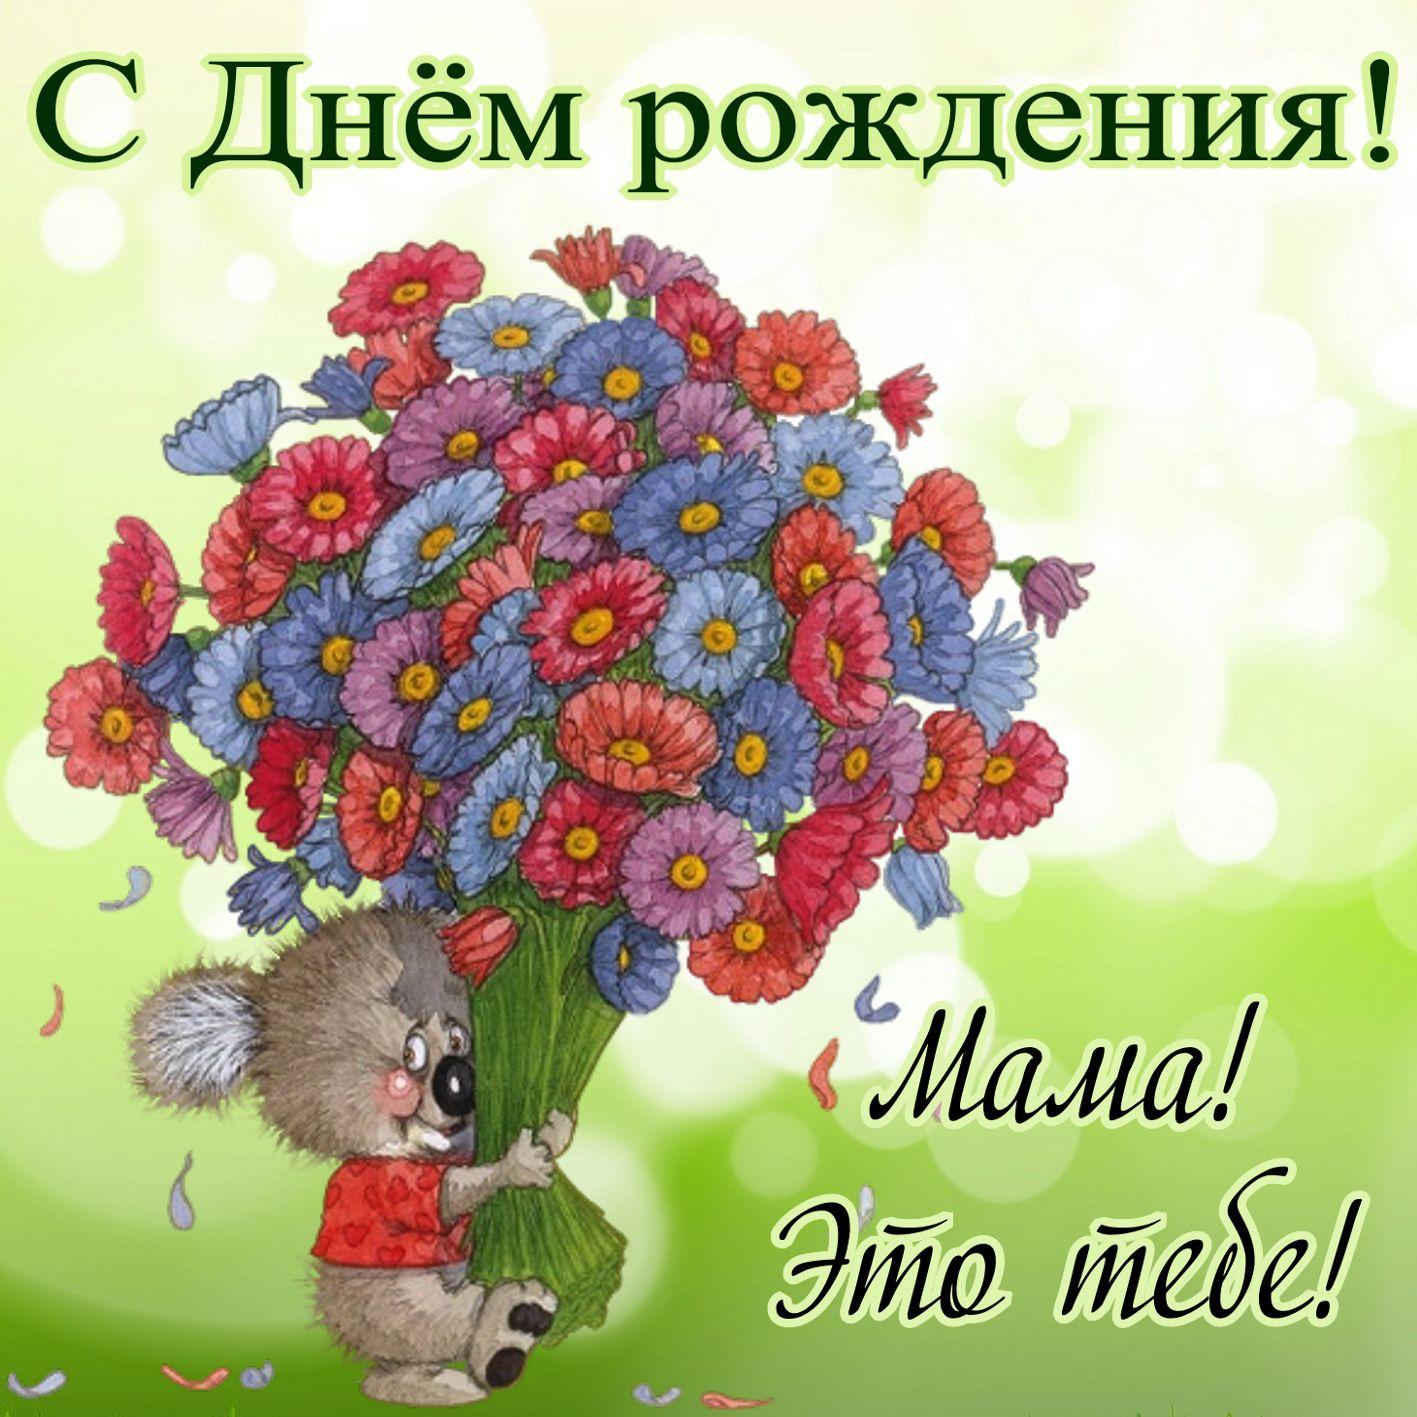 Открытка с Днём рождения маме - медвежонок с огромным букетом цветов